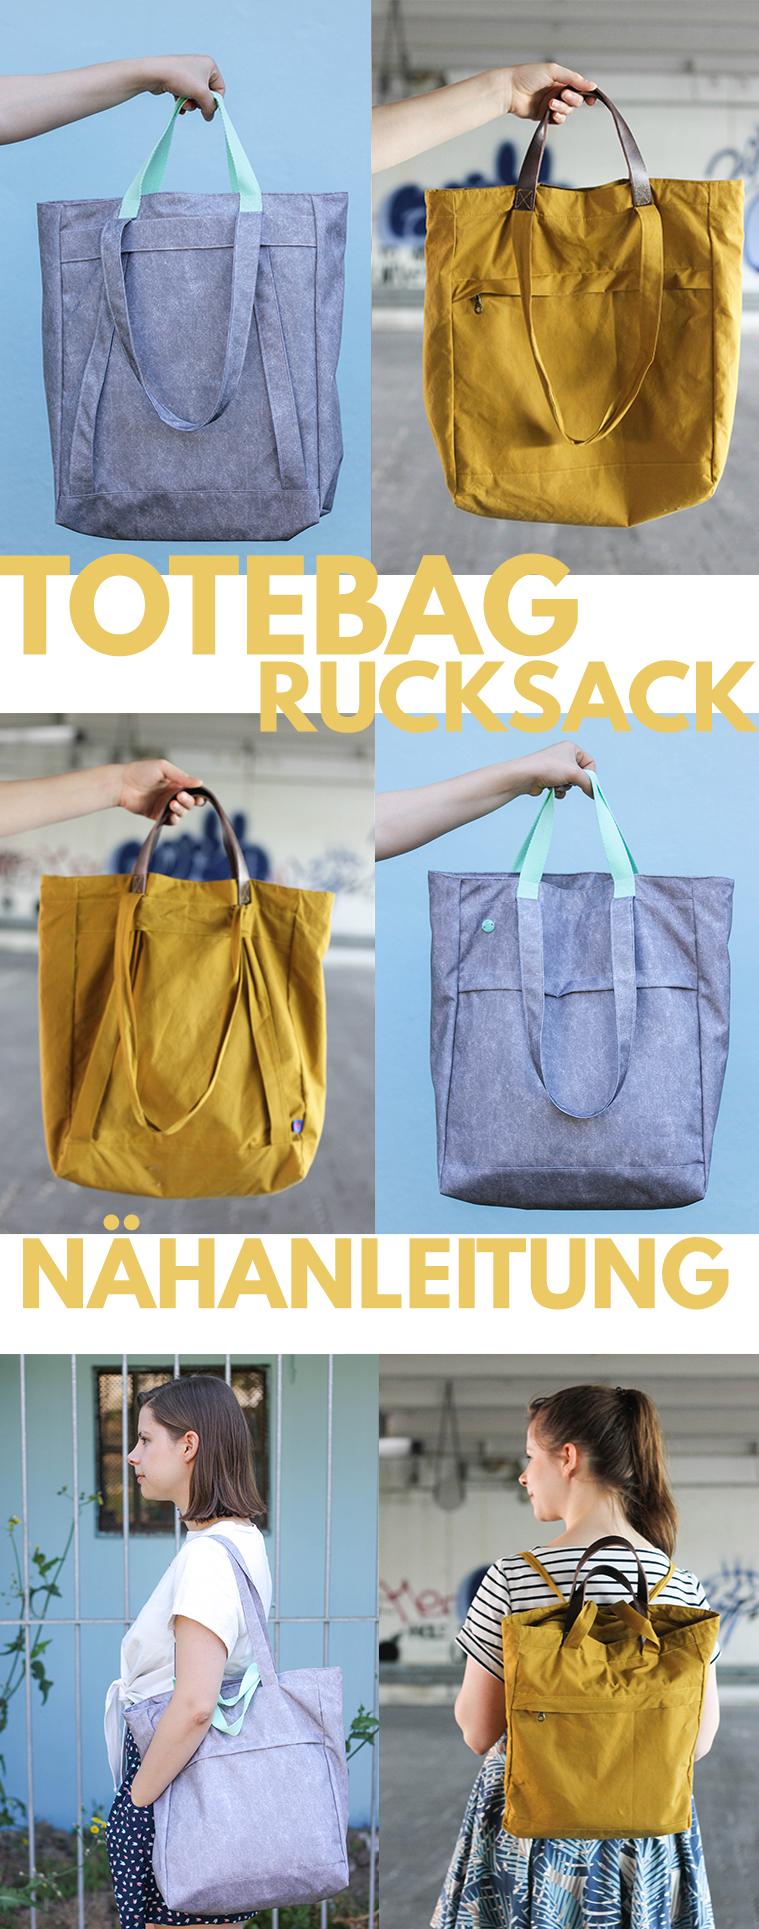 Totebag Tutorial • Zusatz-Tutorial für Rucksacktasche #bag